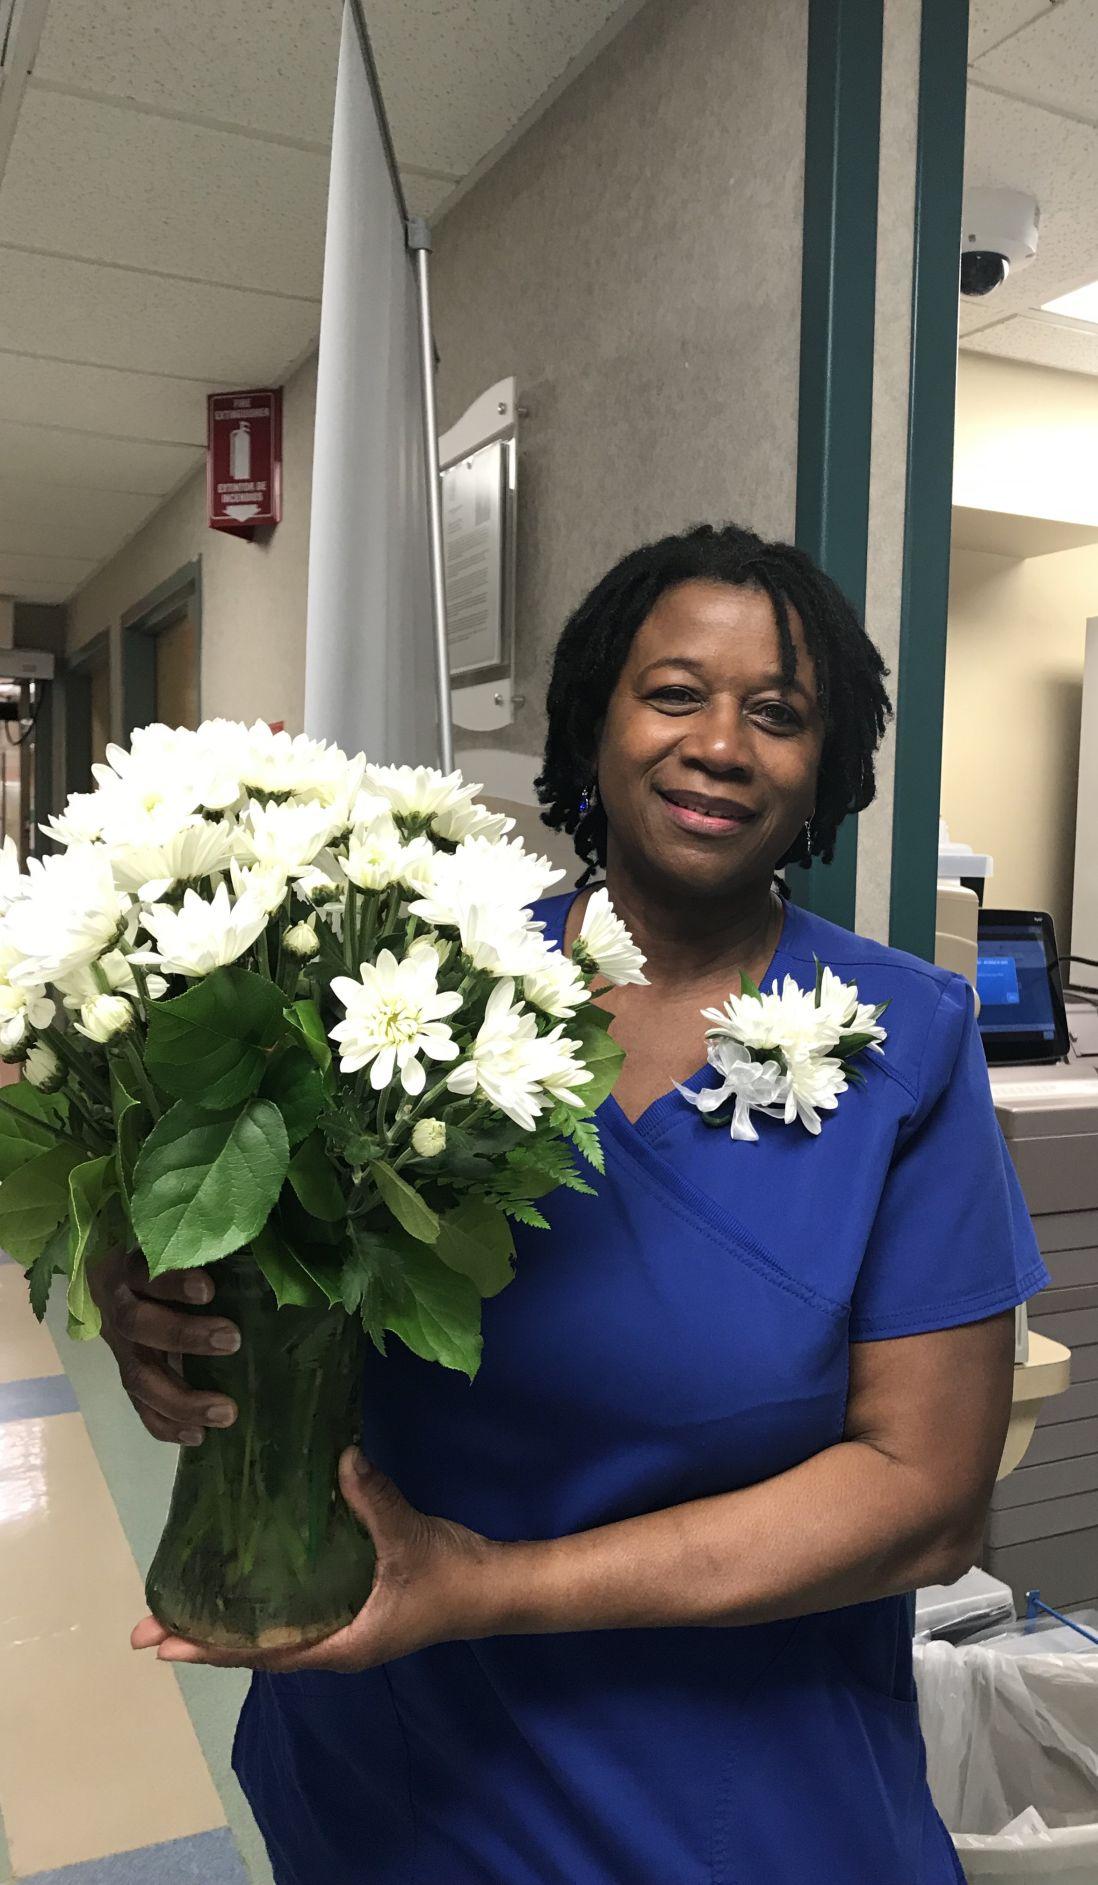 Nurse Hyacinth Blake